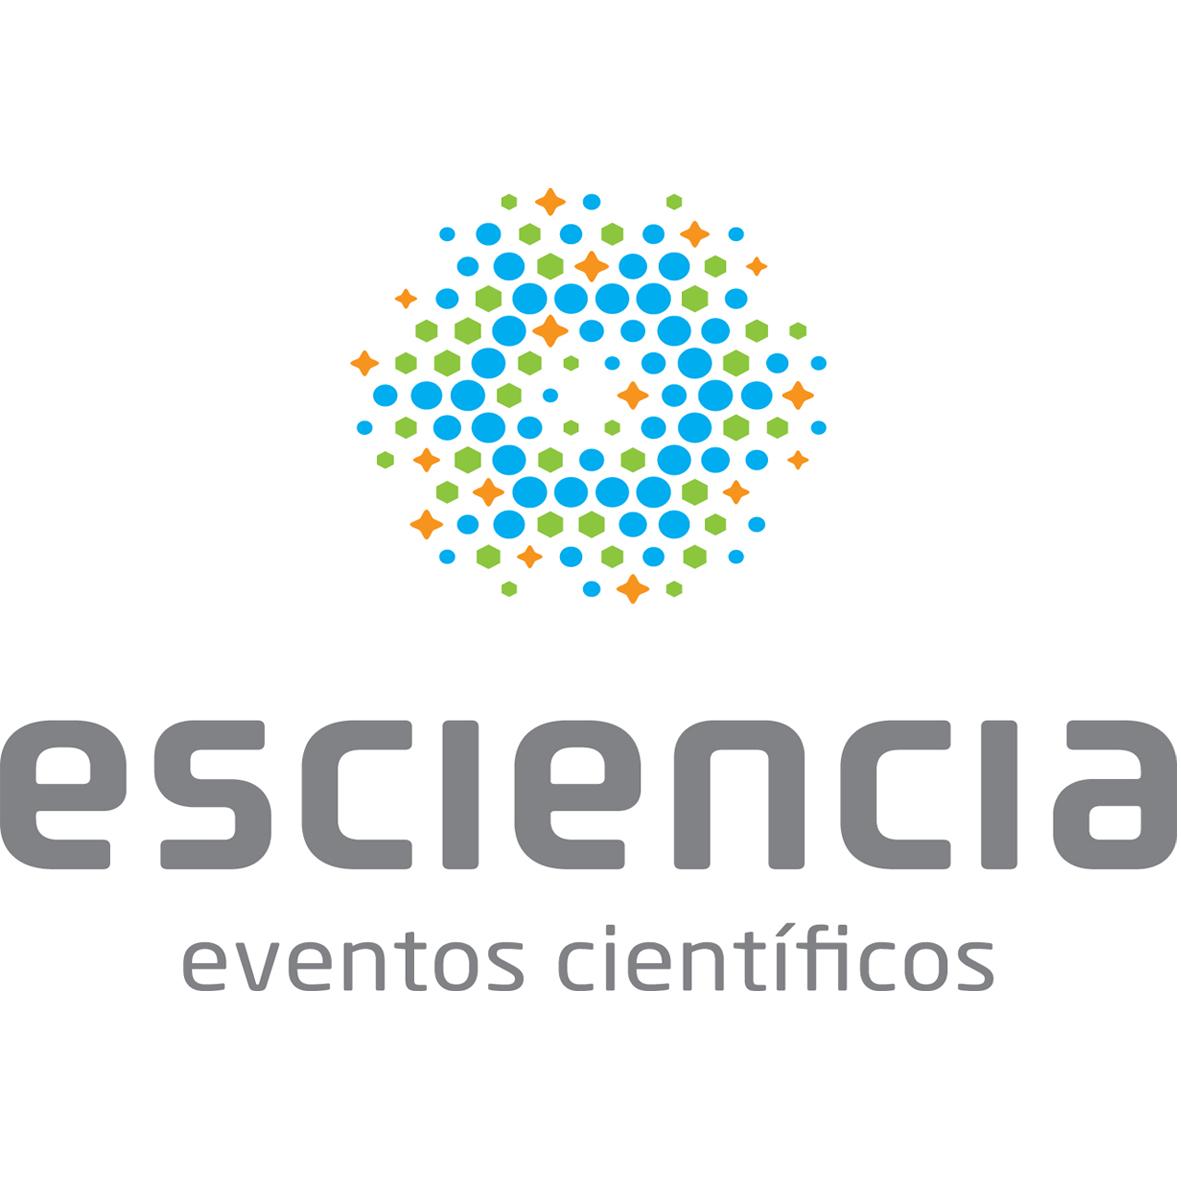 esciencia eventos científicos, comunicación de la ciencia y la innovación mediante acciones dirigidas a todos los públicos